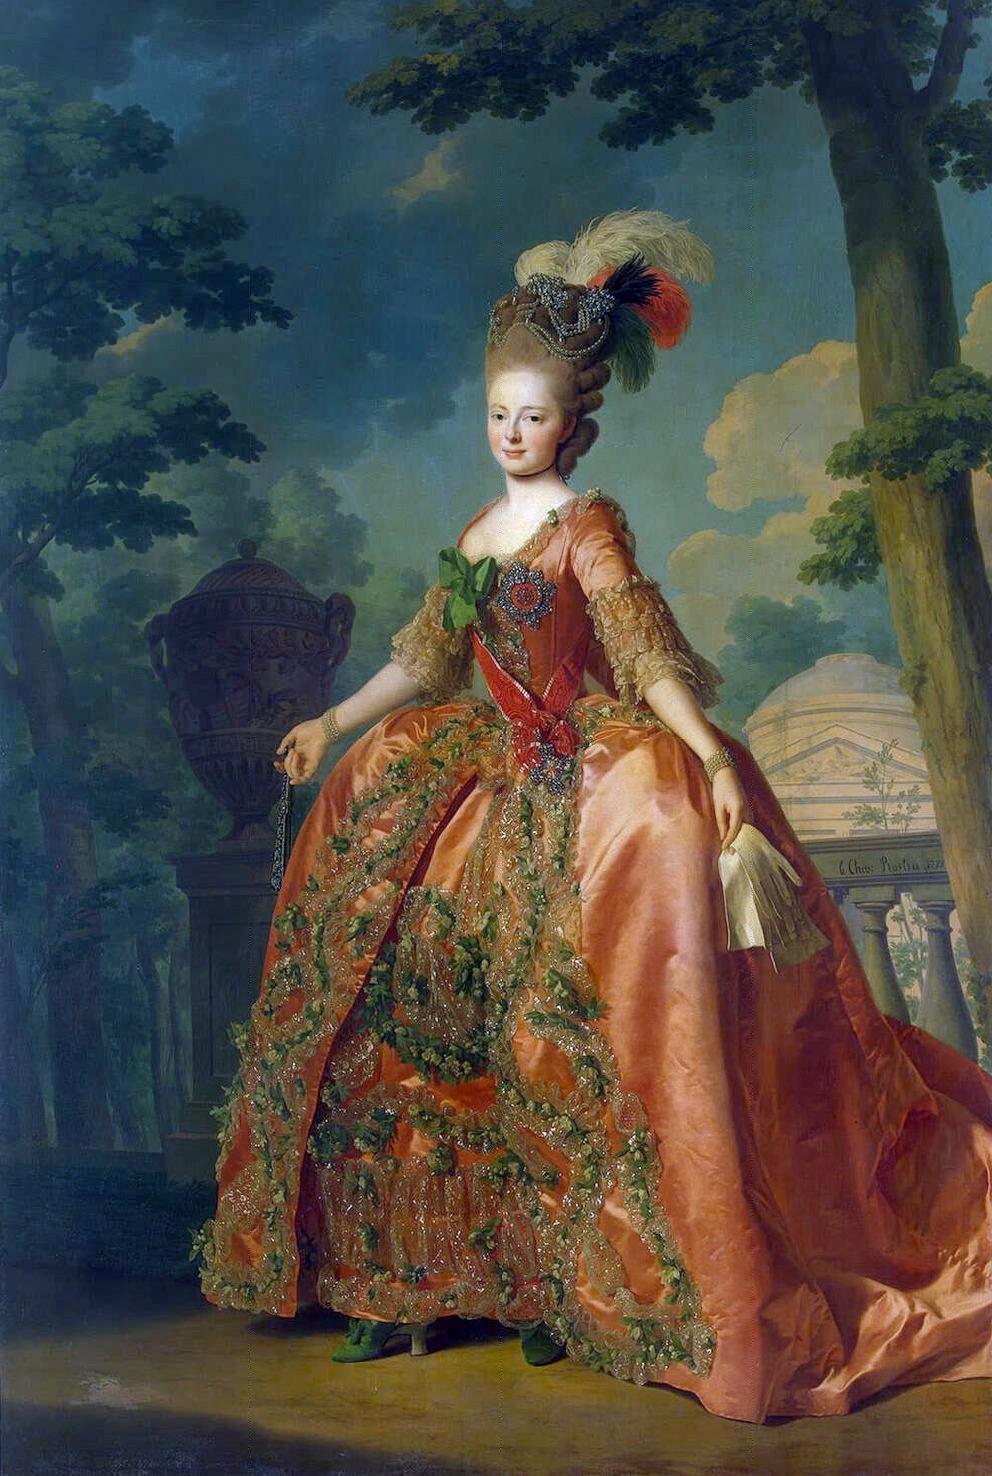 Grand Duchess Maria Feodorovna in Court attire, circa 1780 by Roslin